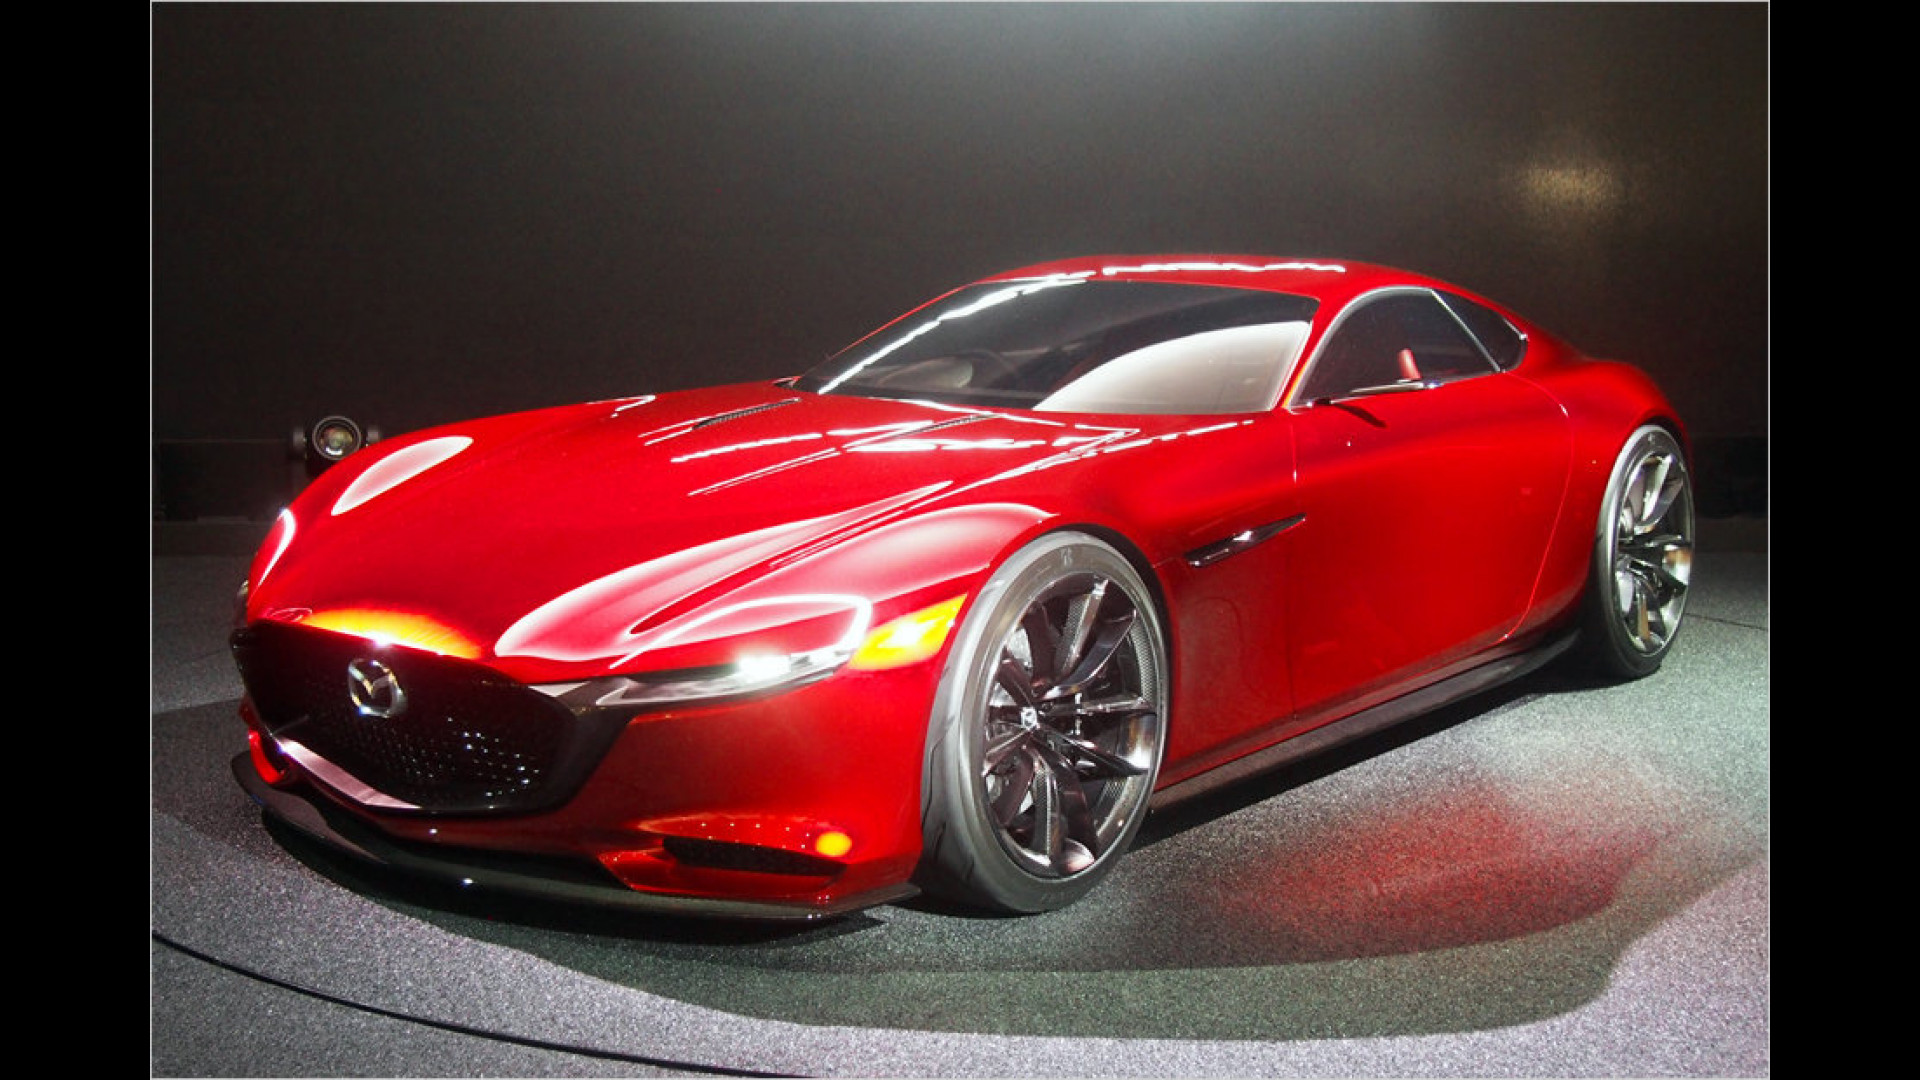 Mazda enthüllt Sportwagenstudie RX-Vision